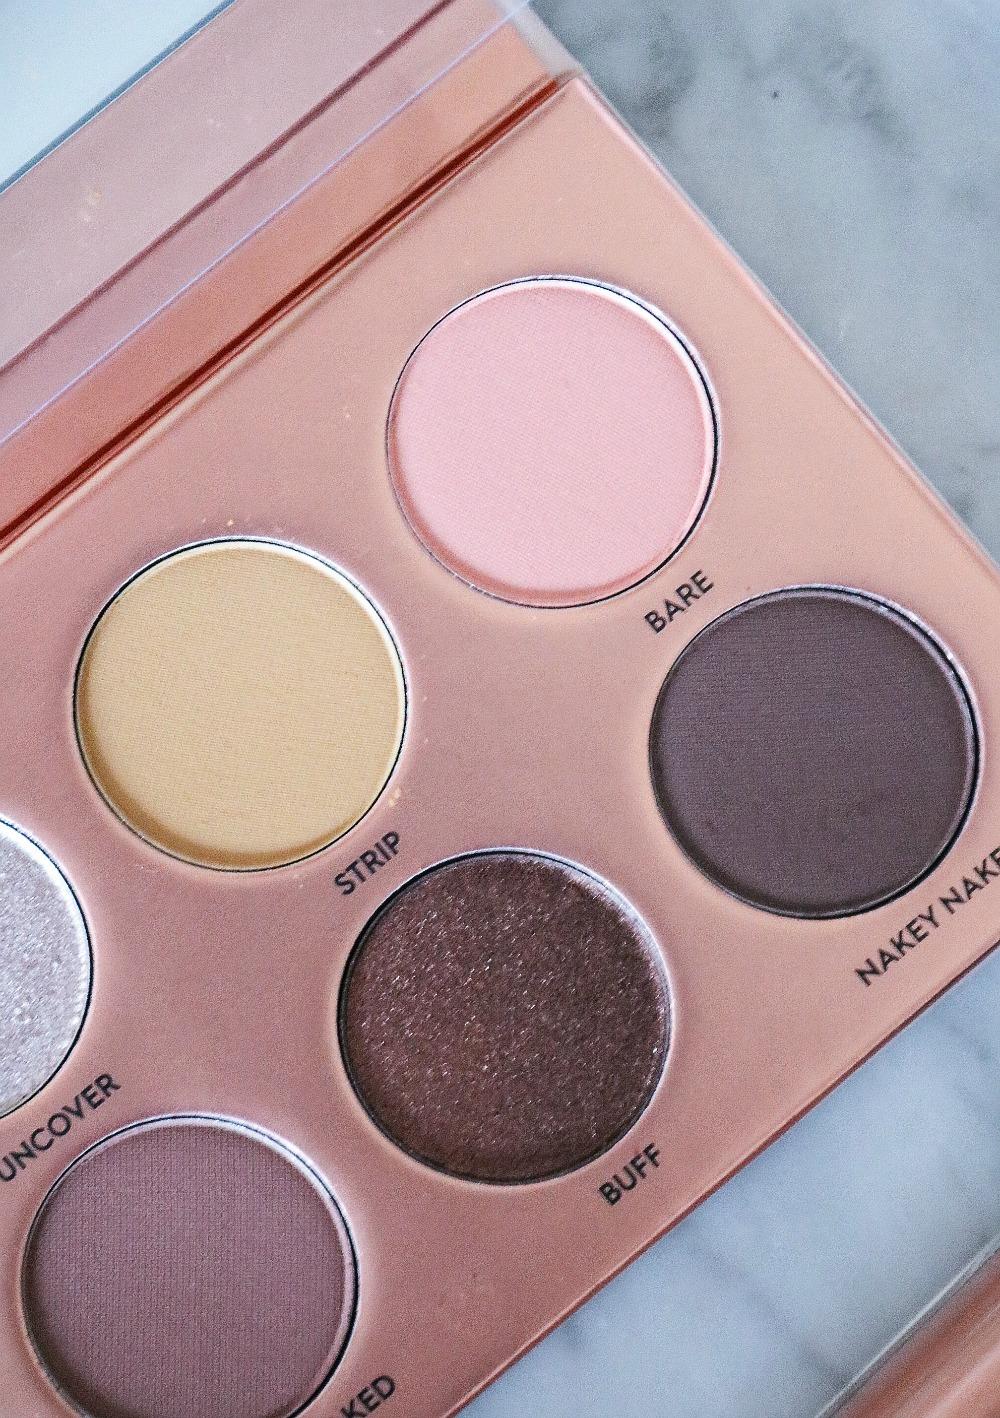 Laura Lee Nudie Patootie Eyeshadow Palette Review I Blogmas 2019 I Dreaminlace.com #Makeup #CrueltyFree